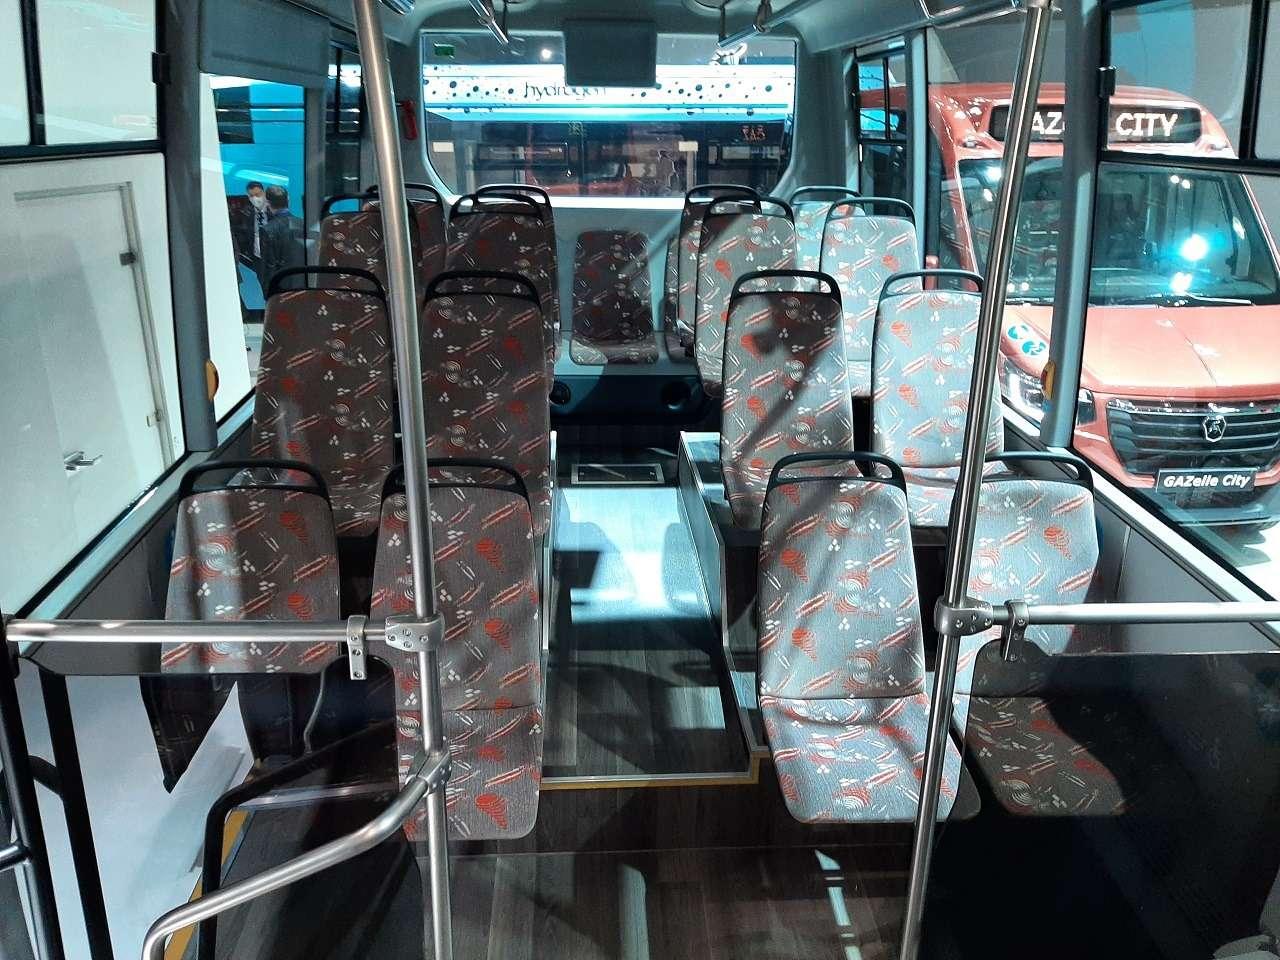 Как ГАЗель, нобольше! ГАЗ показал автобус Валдай City